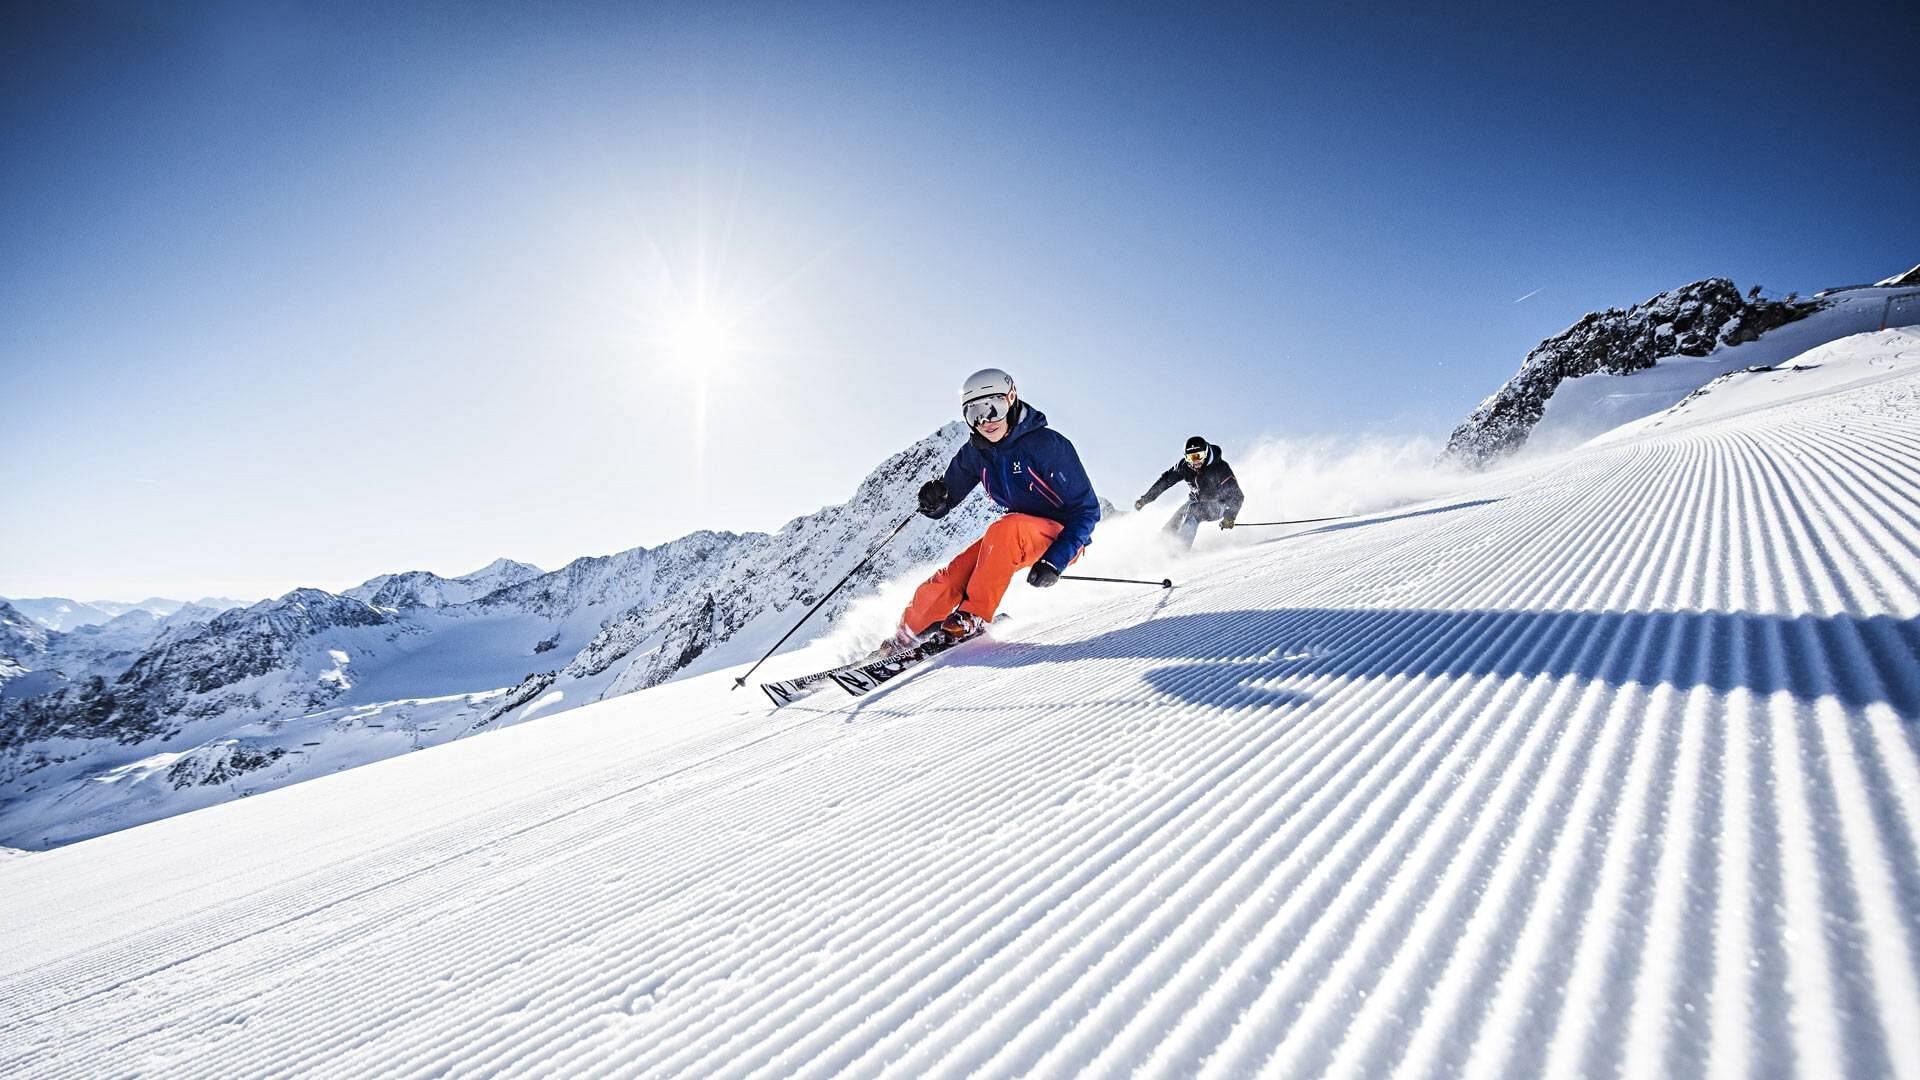 ضروری برای پیست های اسکی